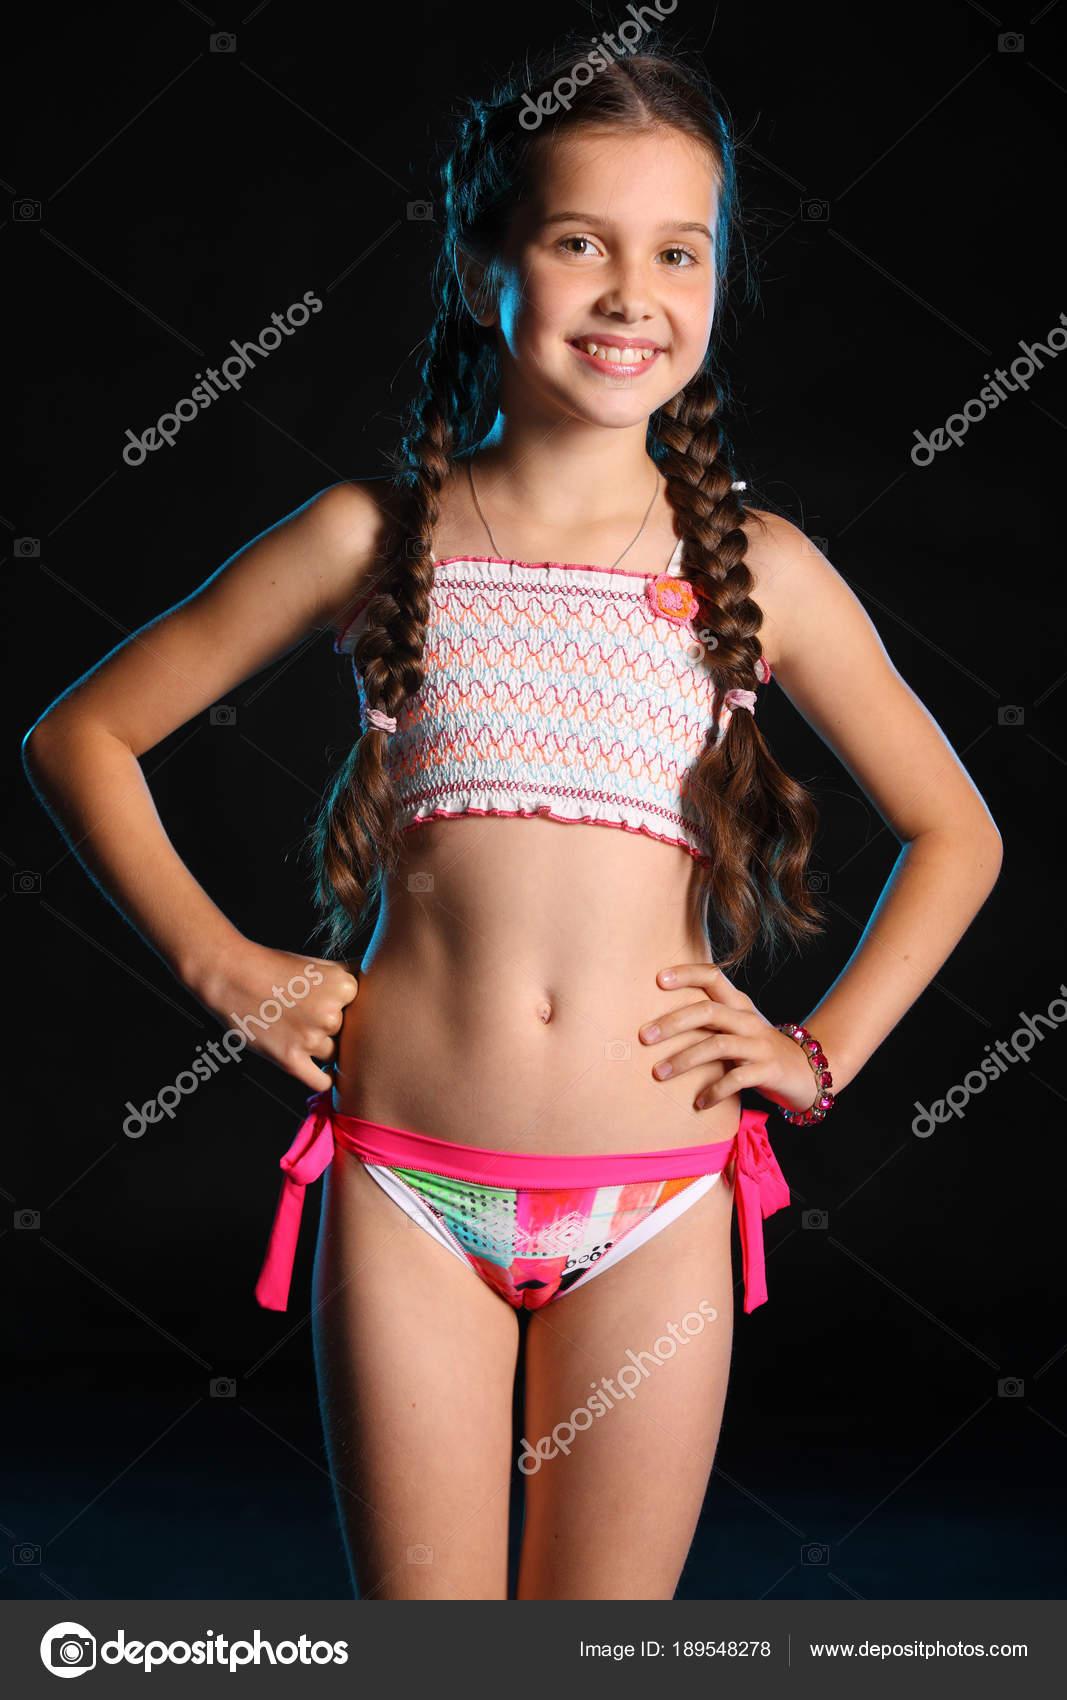 Pig tail bikini models